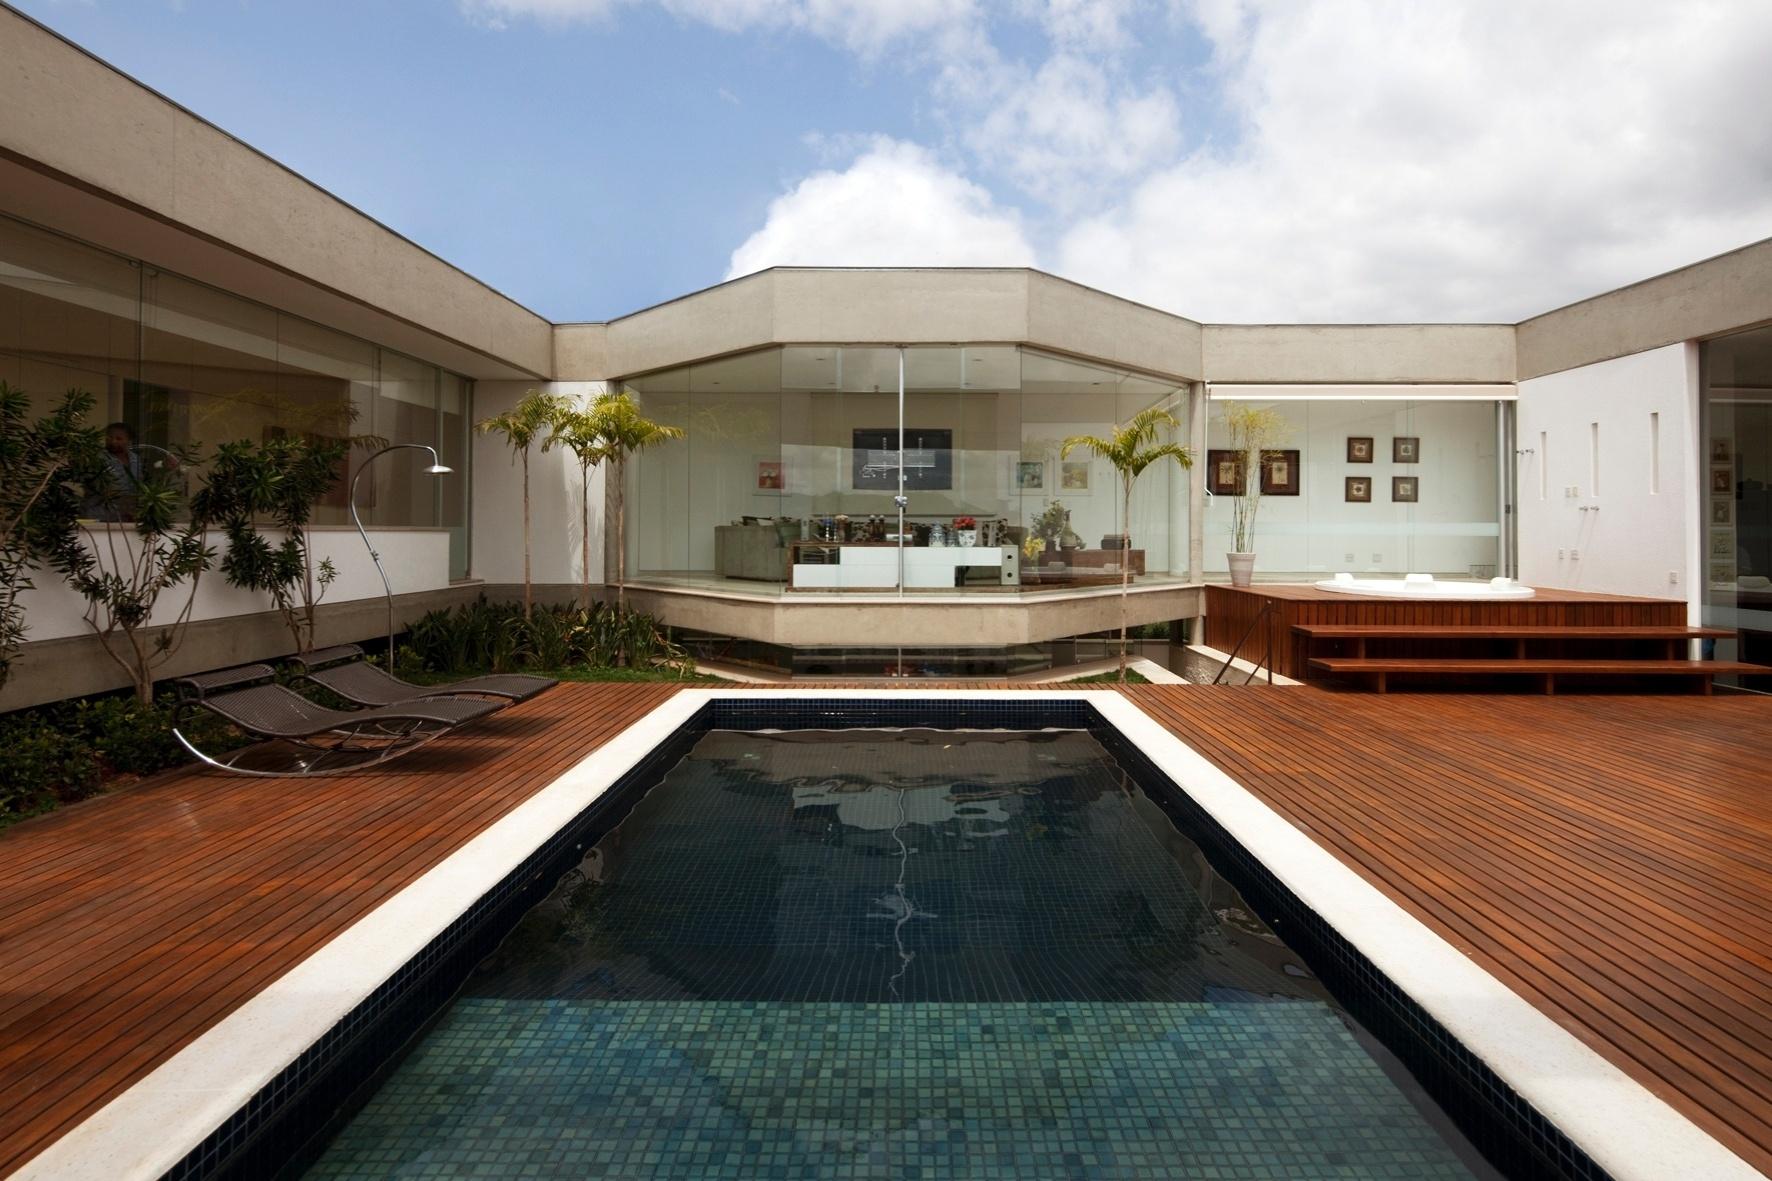 Visto à partir da pérgula: o pátio de lazer e seu amplo deck de madeira. A piscina tem largura que acompanha a sala íntima da residência, na área de circulação, sob a qual está - semi-enterrada - a sala de brincar das crianças. À esquerda, atrás das espreguiçadeiras, está a circulação dos quartos. A casa NB, em Nova Lima (MG), tem projeto de Alexandre Brasil e Paula Zasnicoff, do escritório Arquitetos Associados